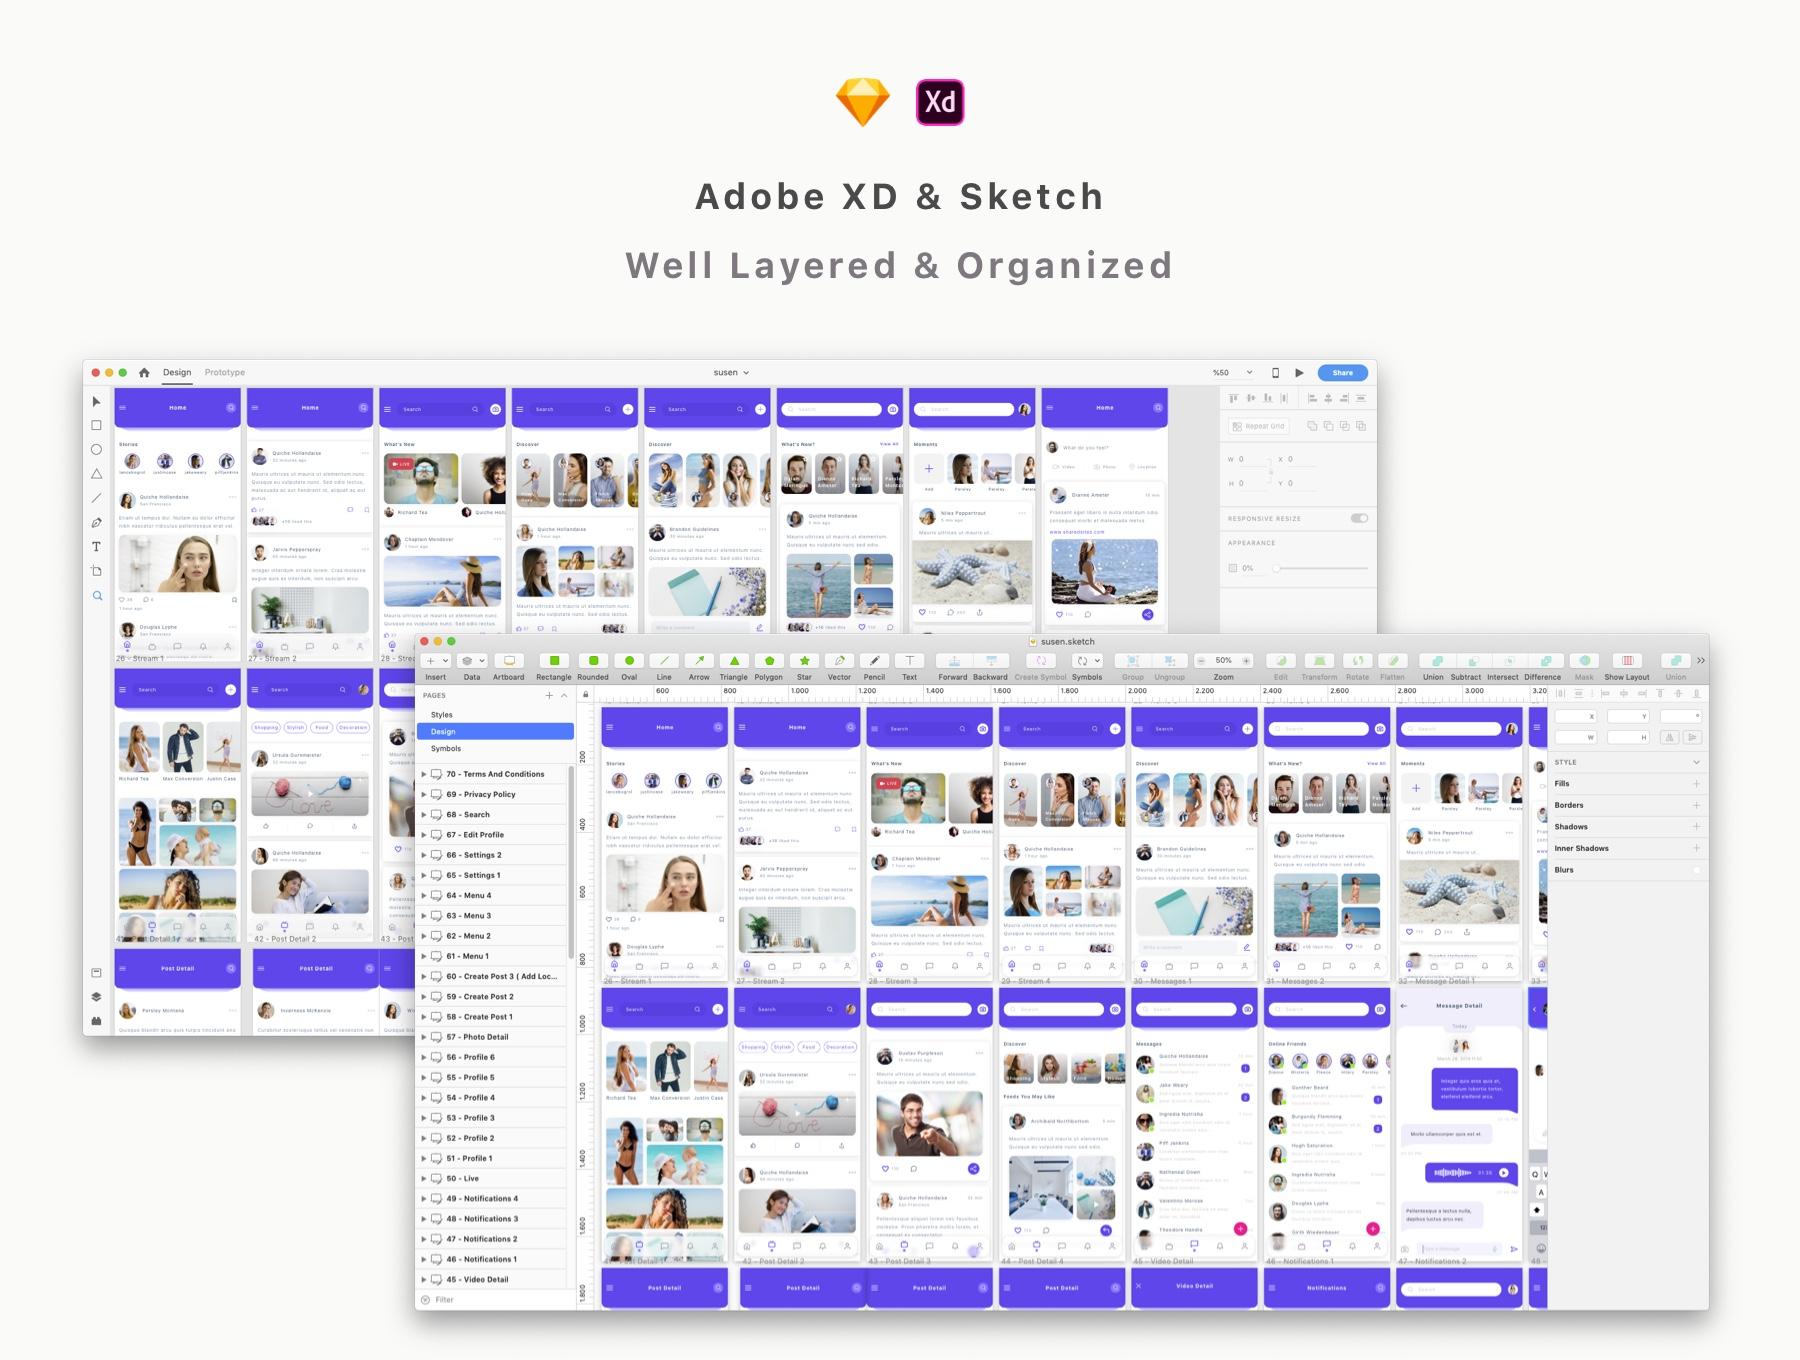 完美的多功能社交产品app设计iOS Ui模板套装下载[Sketch,XD] Susen Social Network App UI Kit